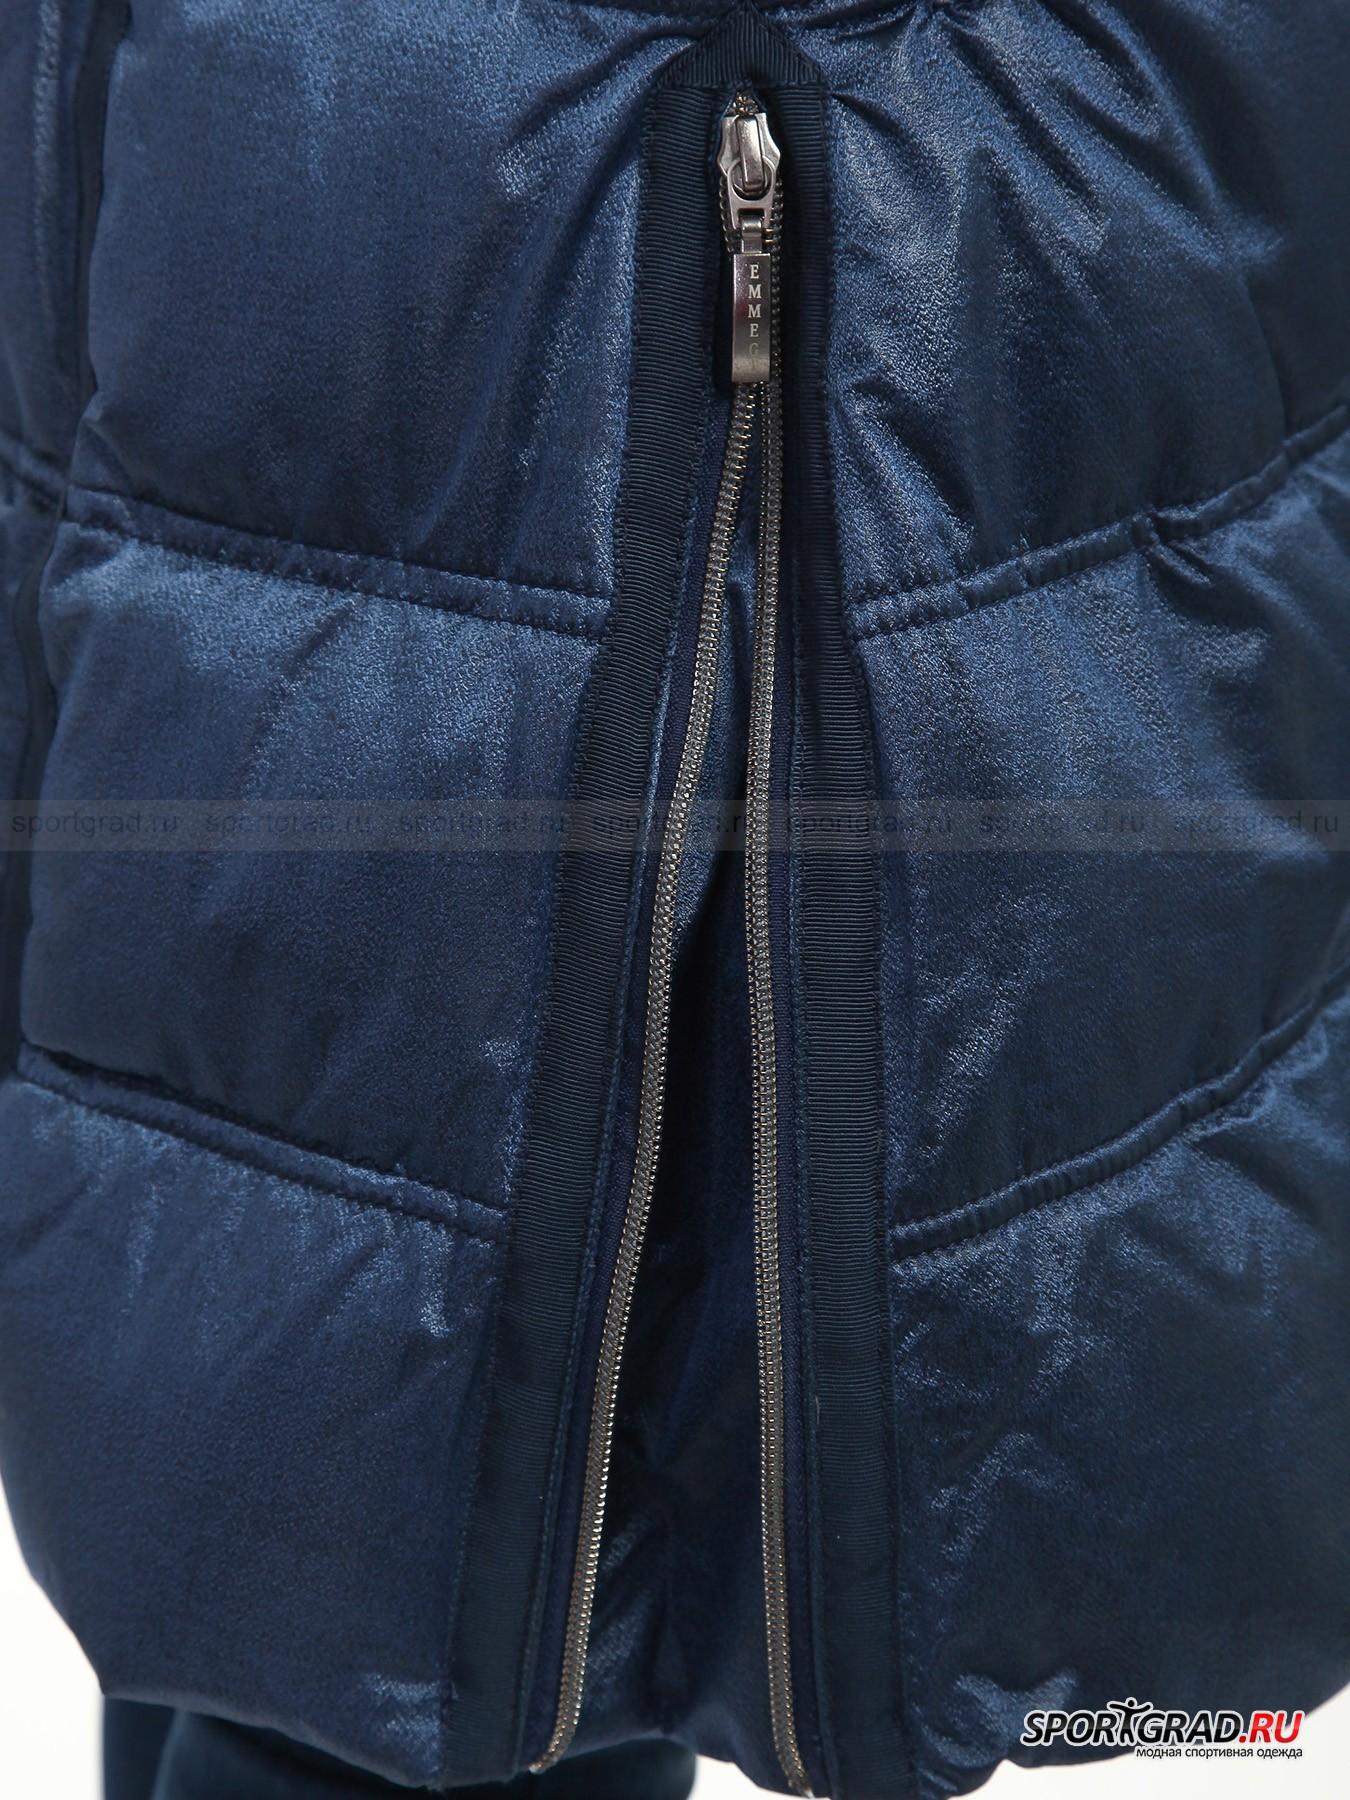 Пальто пуховое женское с мехом JOANJ EMMEGY от Спортград